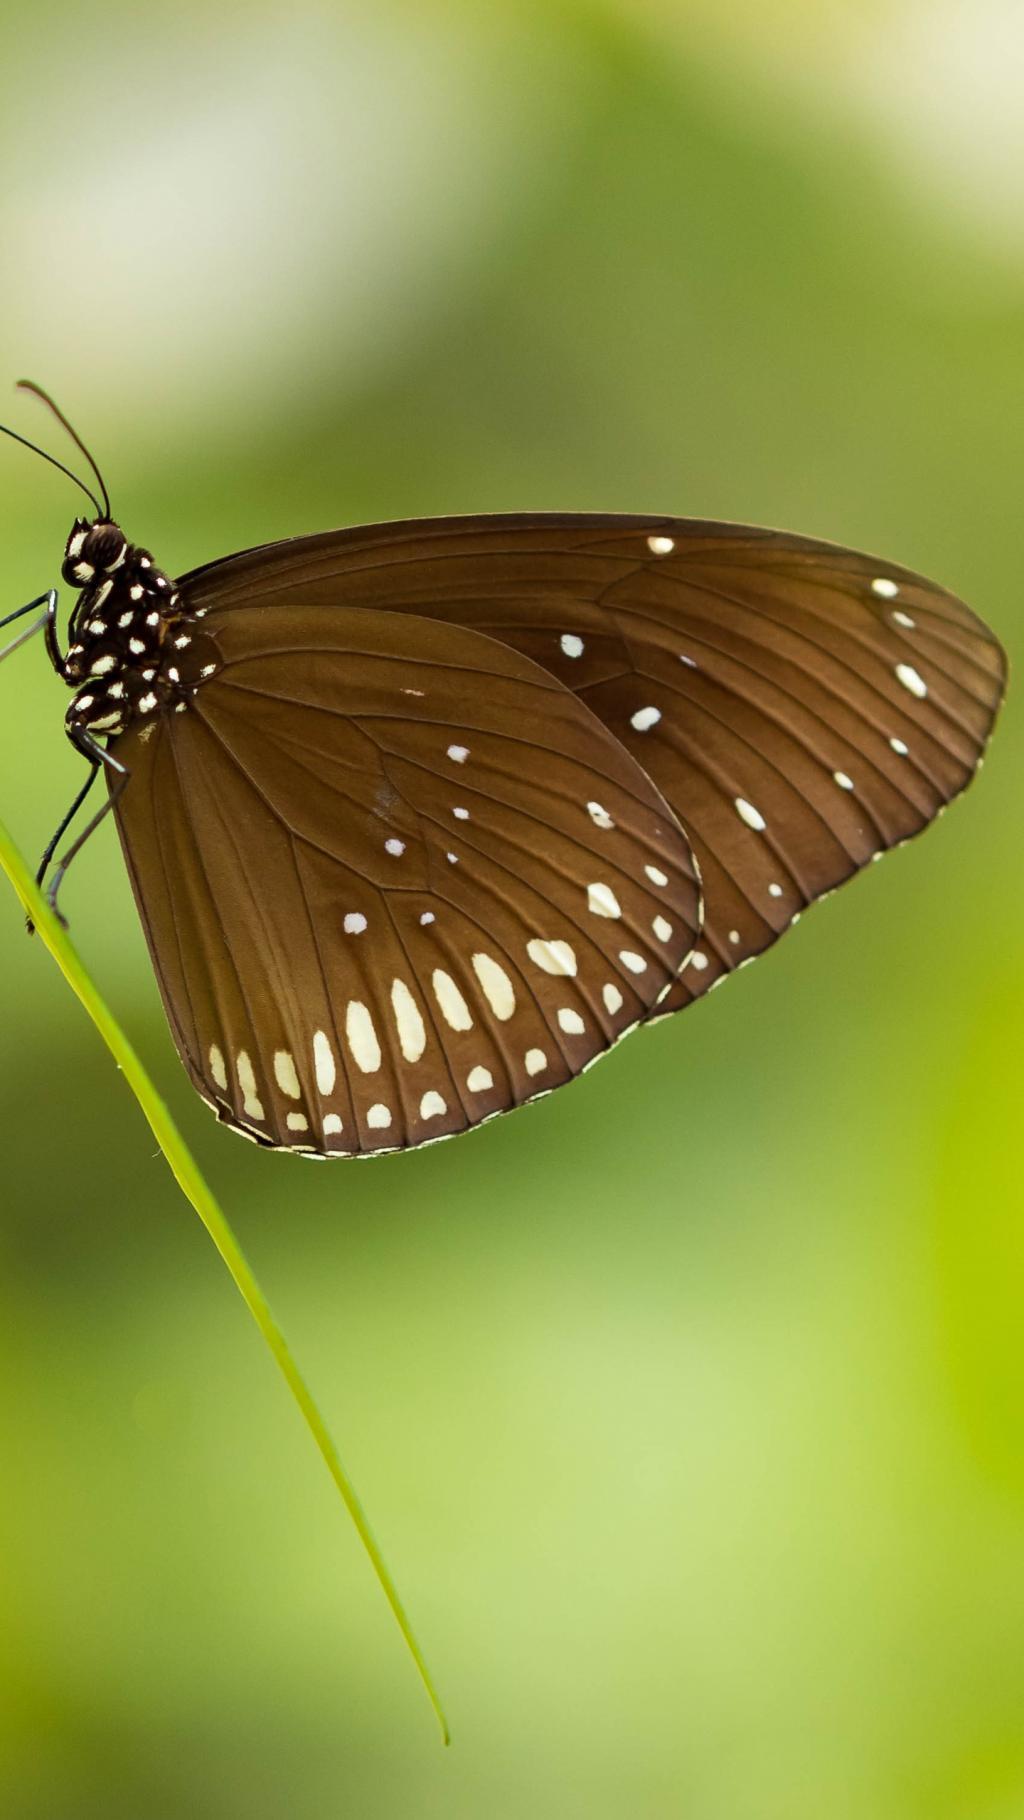 蝴蝶入梦 如过清风